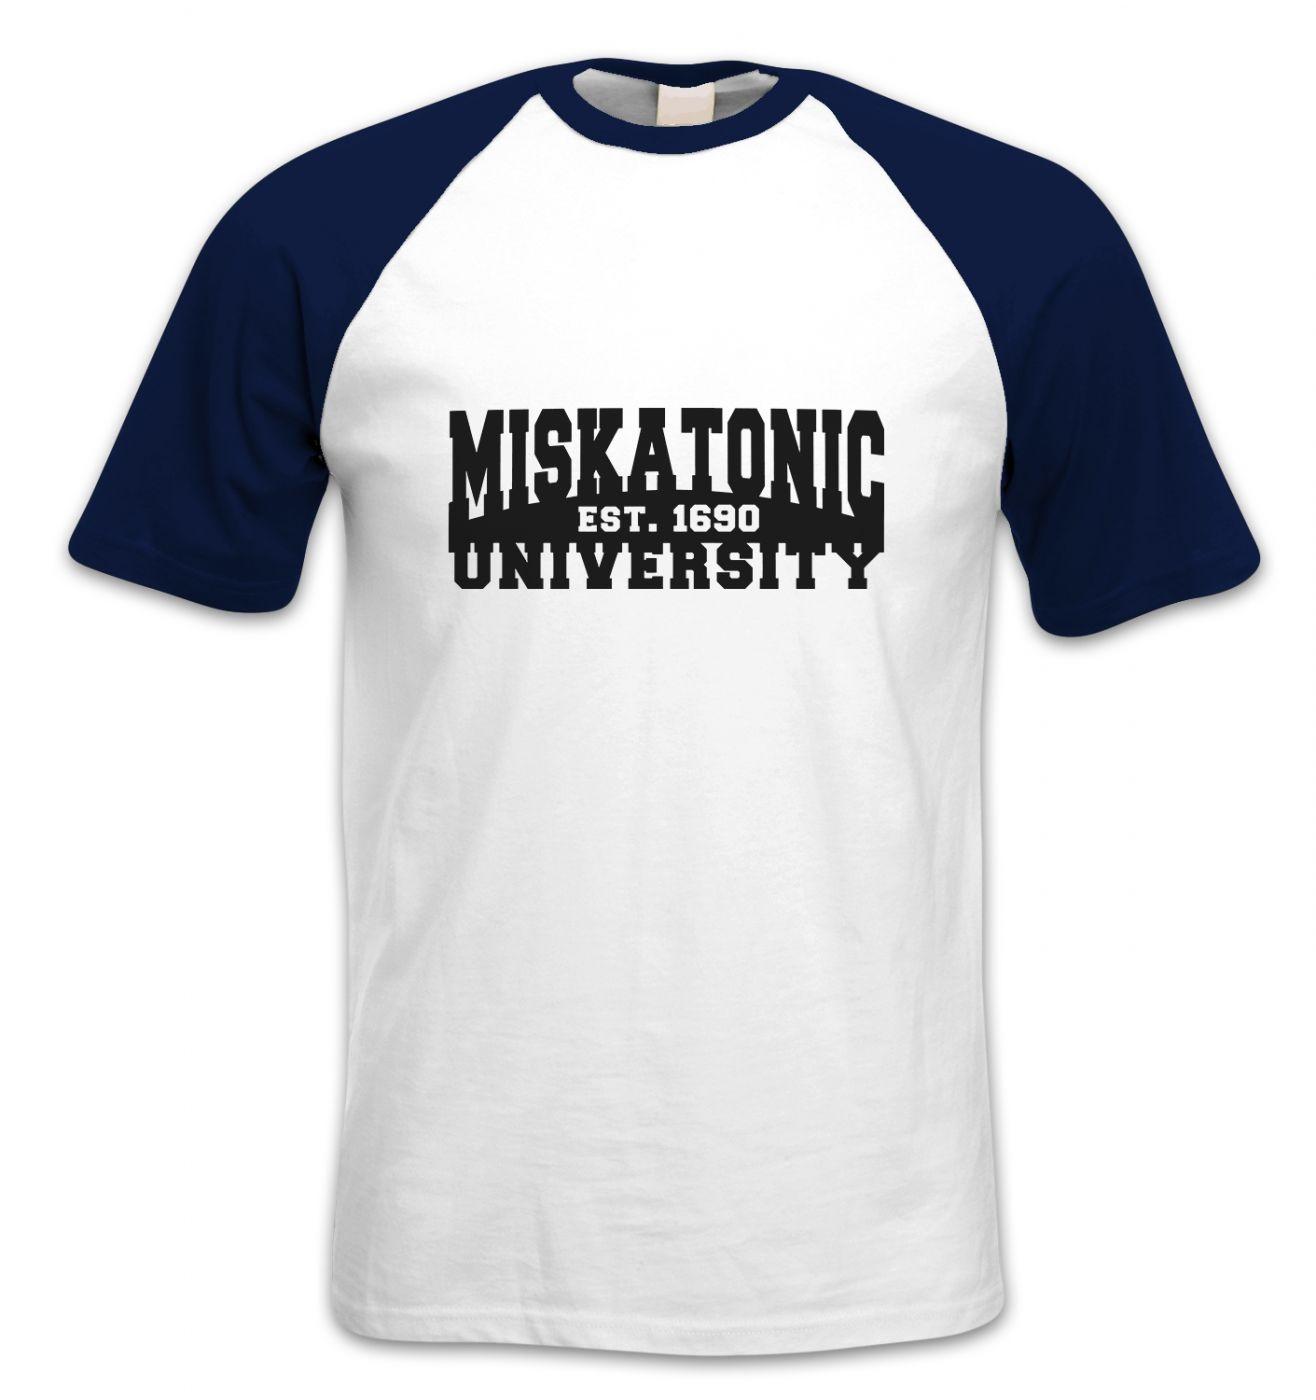 Miskatonic University short-sleeved baseball t-shirt